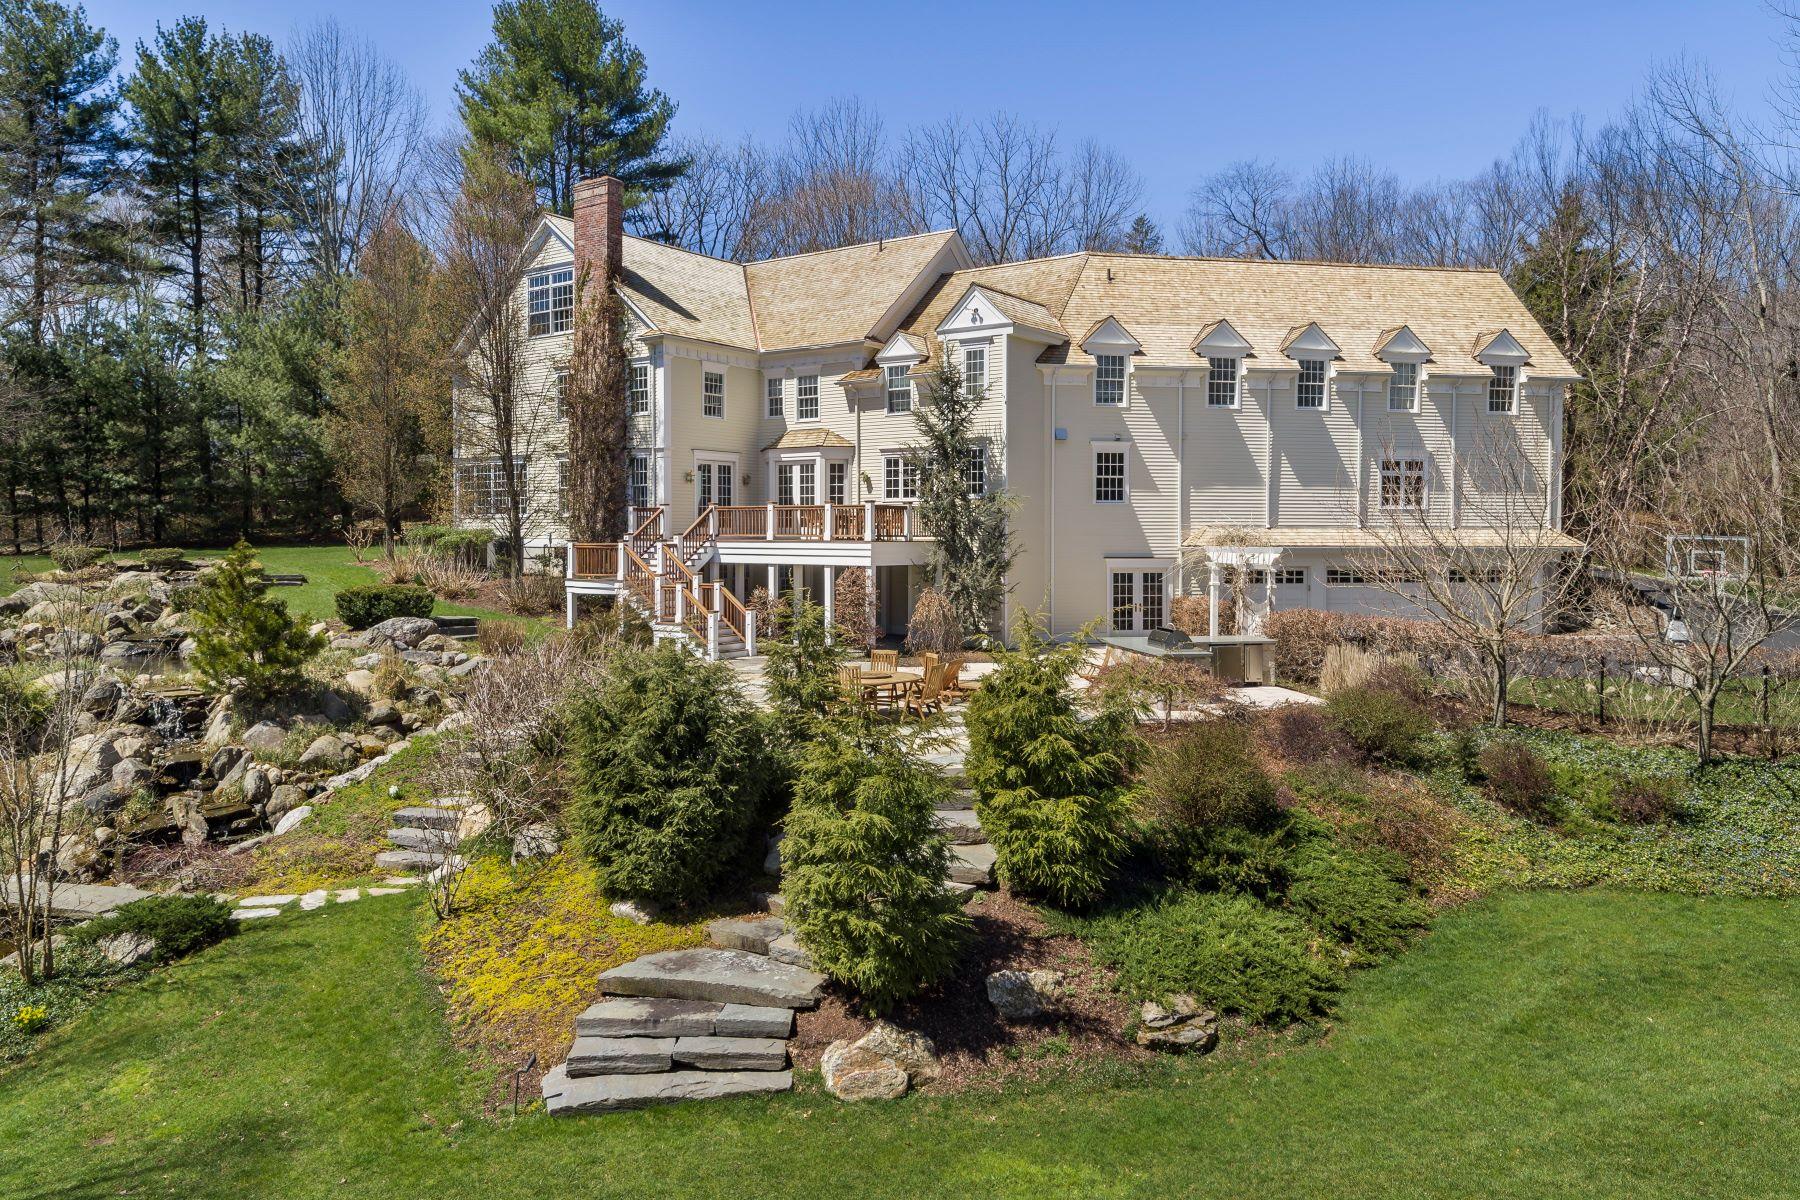 独户住宅 为 销售 在 Idyllic Georgian Colonial in Premier Location 1084A Sturges Highway 韦斯特波特, 康涅狄格州 06880 美国